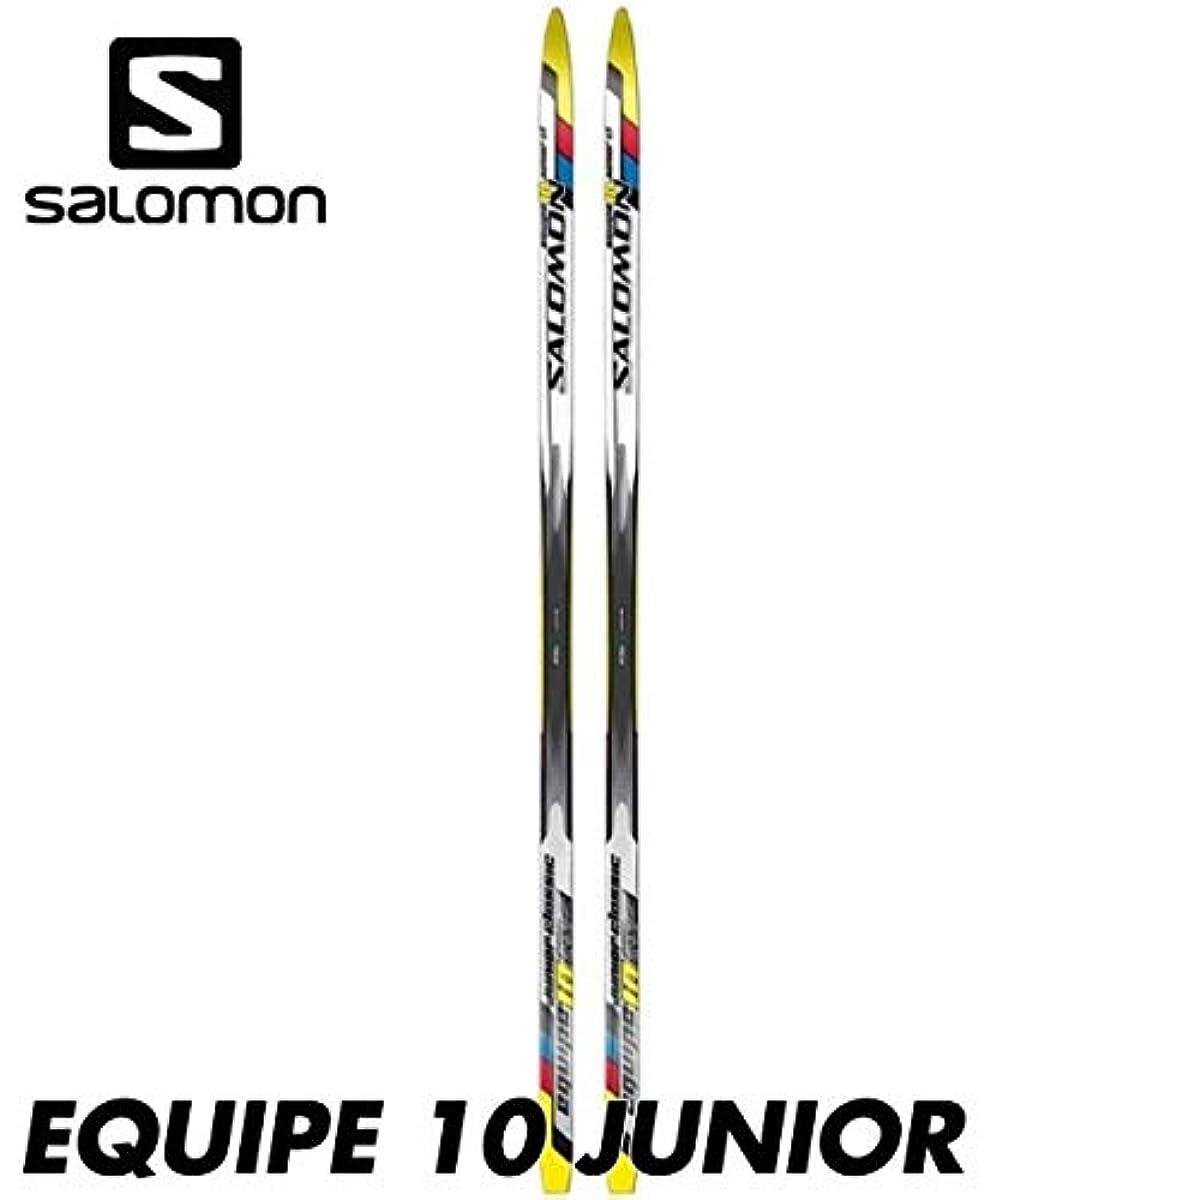 [해외] 살로몬 에킷푸10쥬니어 SALOMON EQUIPE 10 JUNIOR CLASSIC 어린이용 크로스ROSS 포함 컨트리 스키 판 만